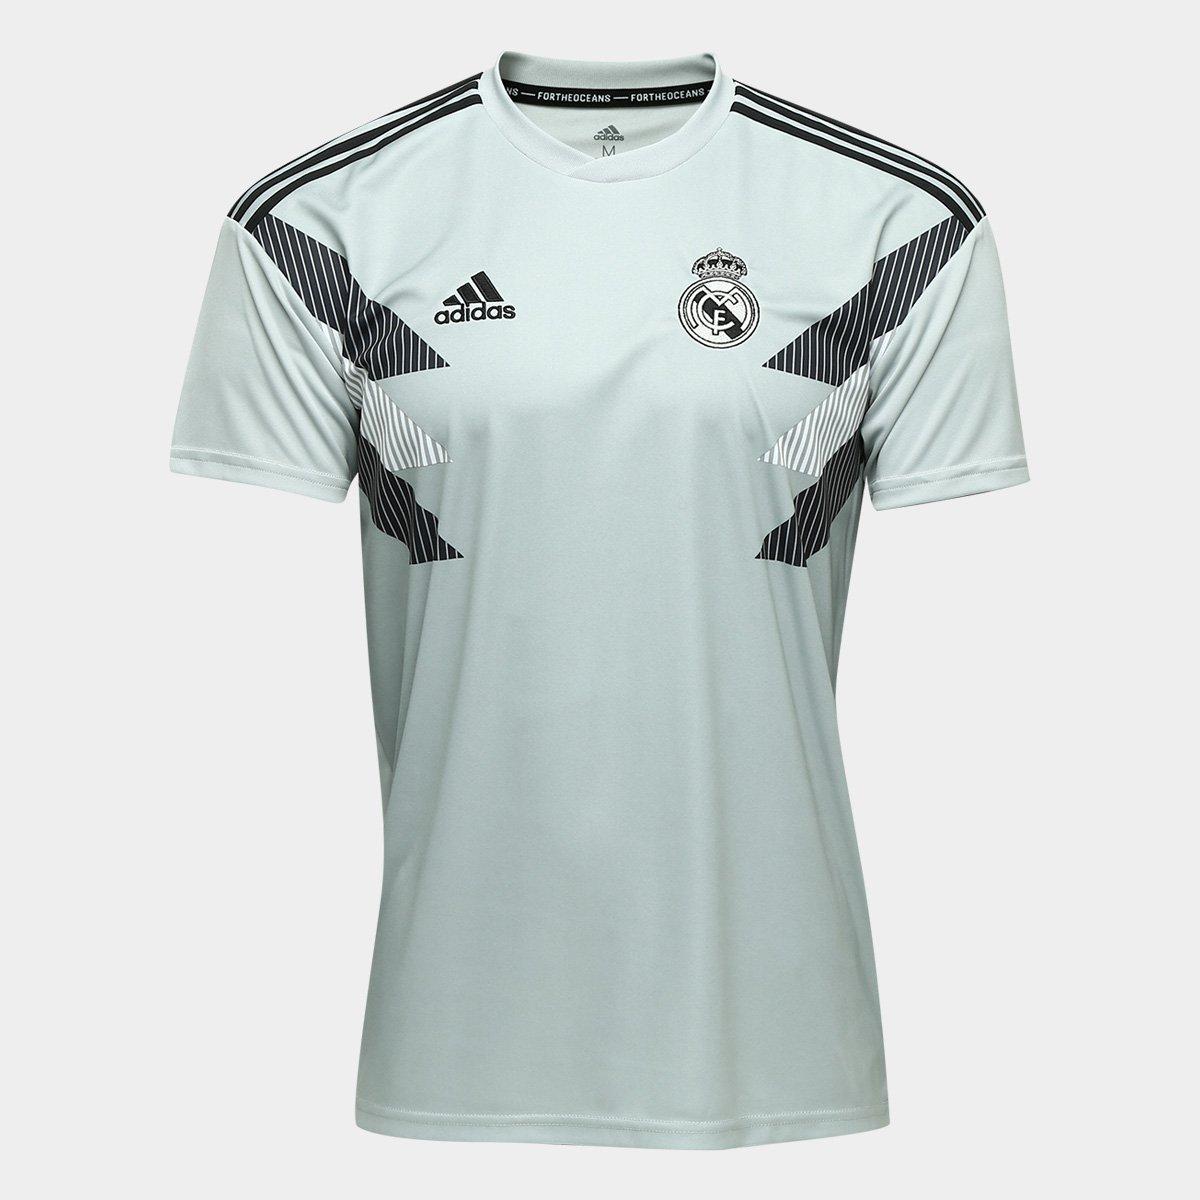 fa6192cc6c083 Camisa Real Madrid Pré-Jogo - Torcedor Adidas Masculina - Verde claro |  Allianz Parque Shop